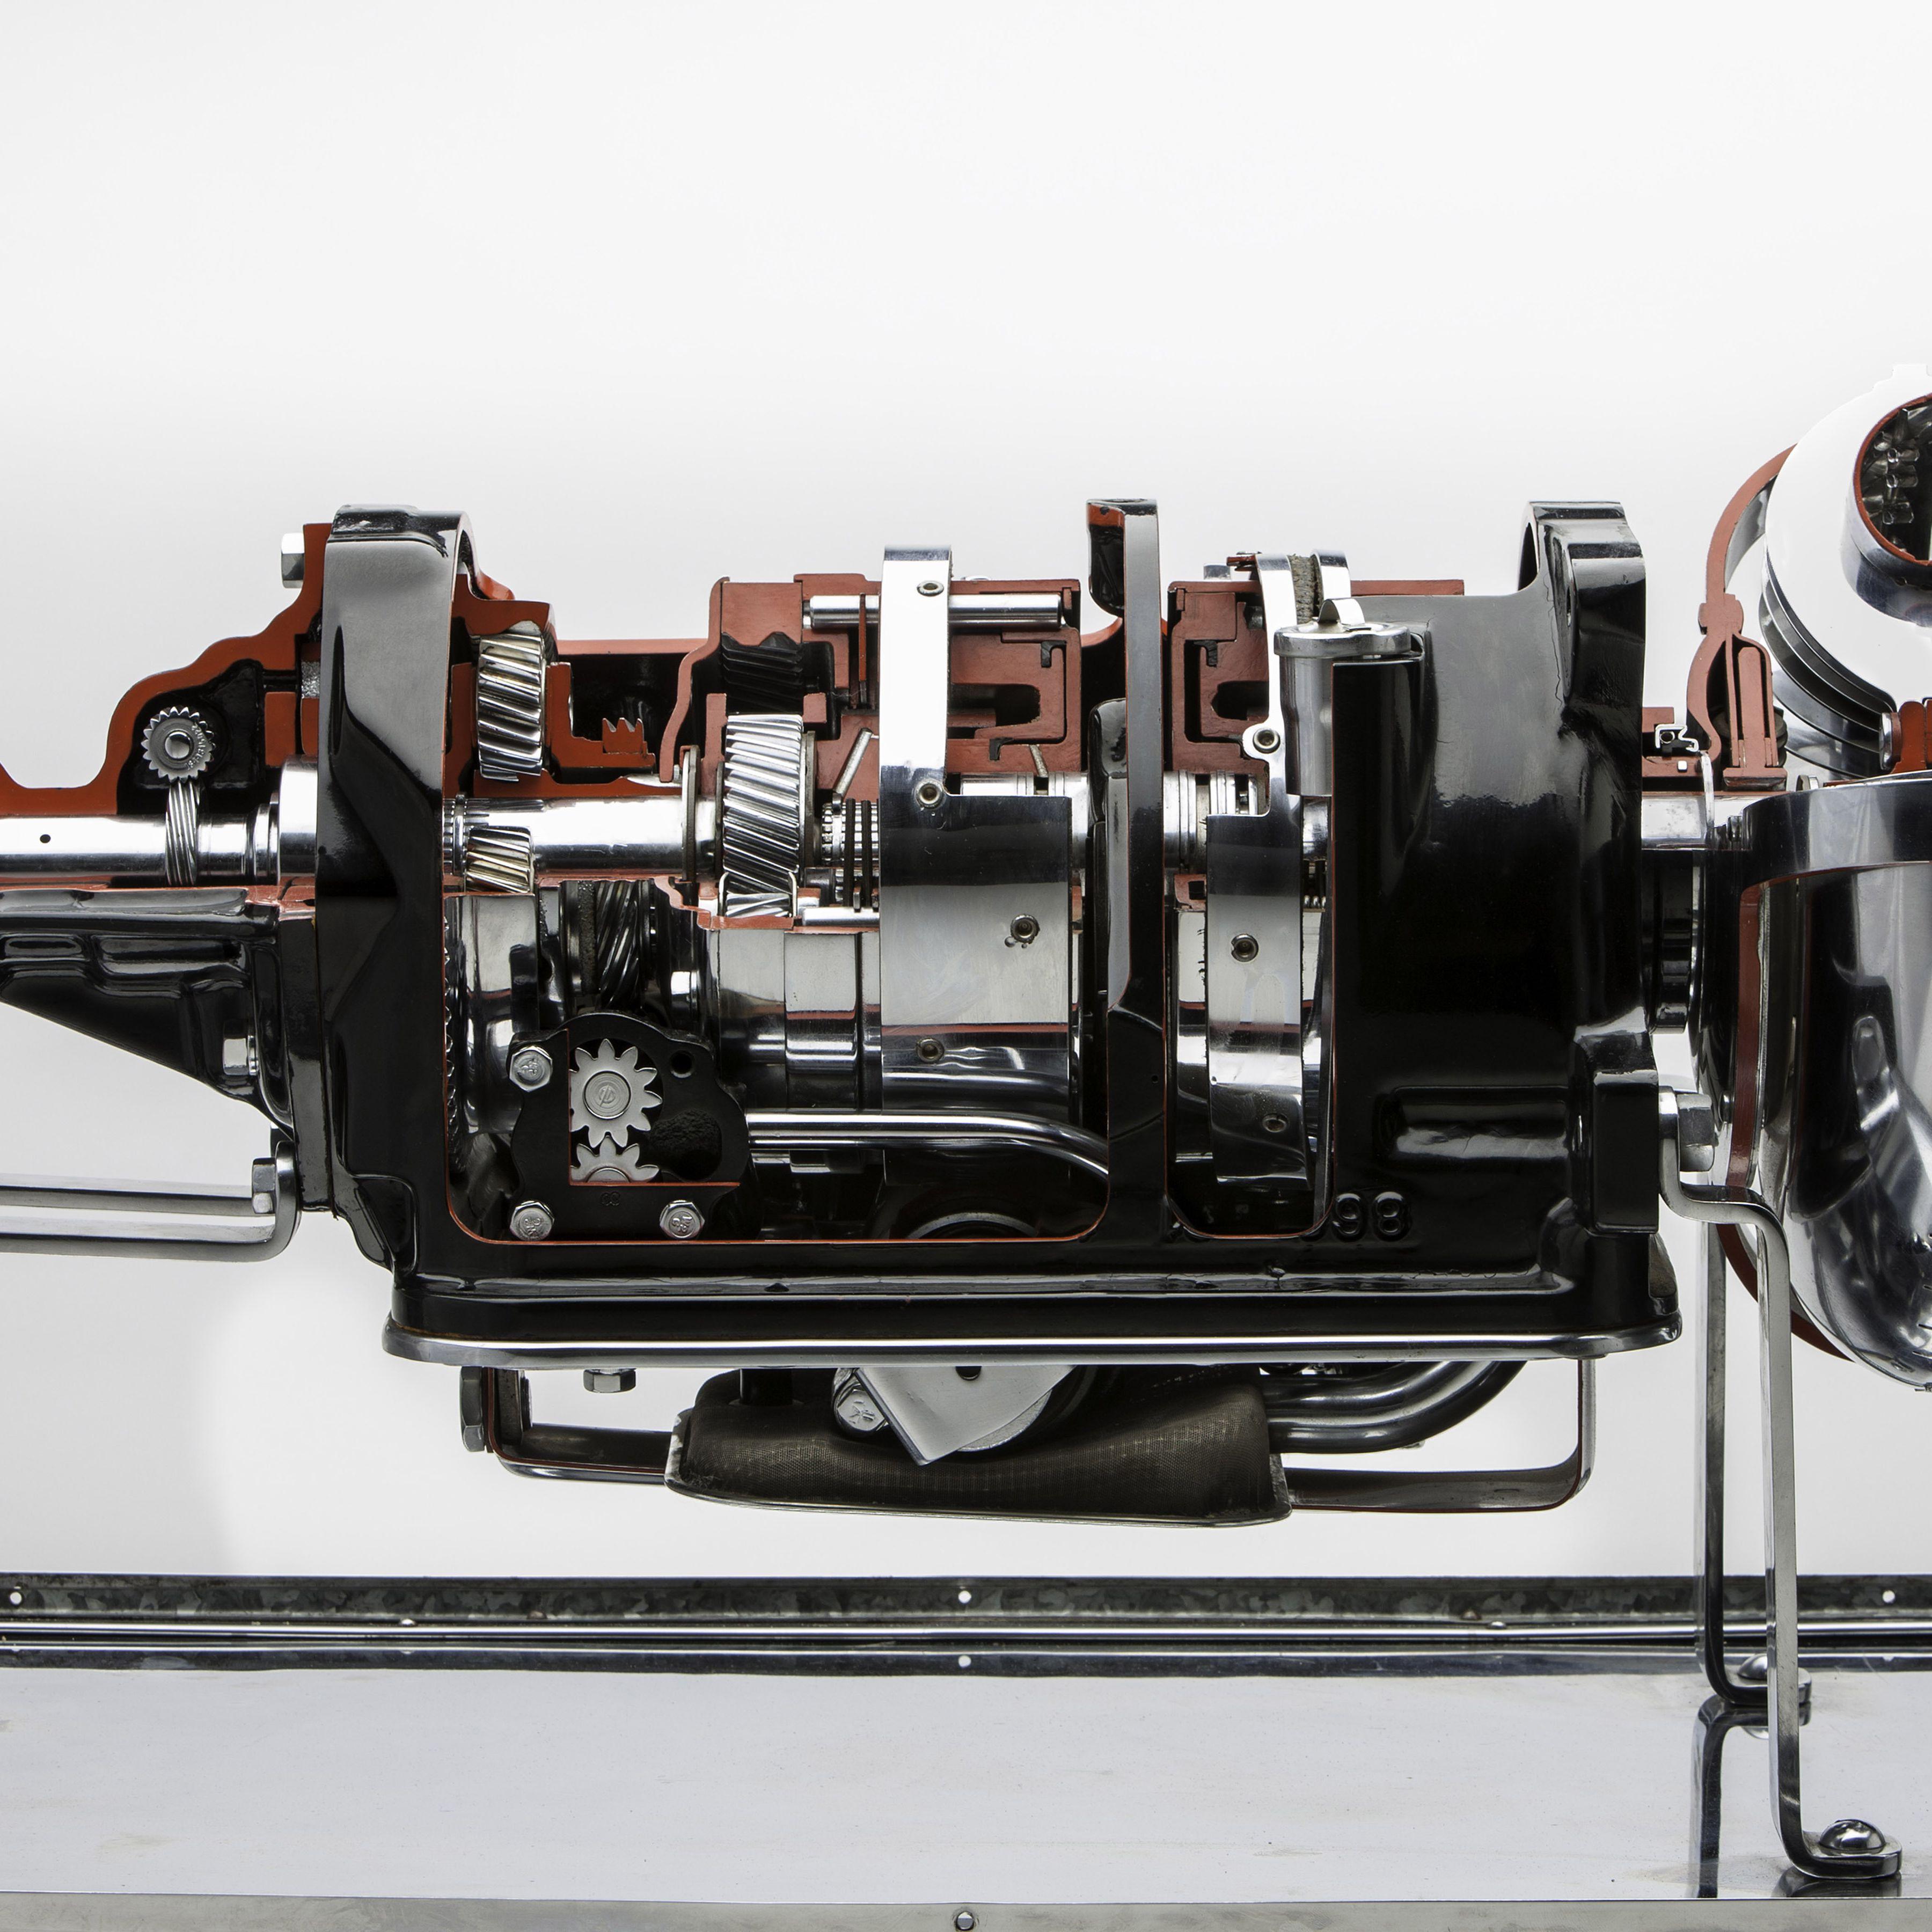 98 k1500 transmission problems